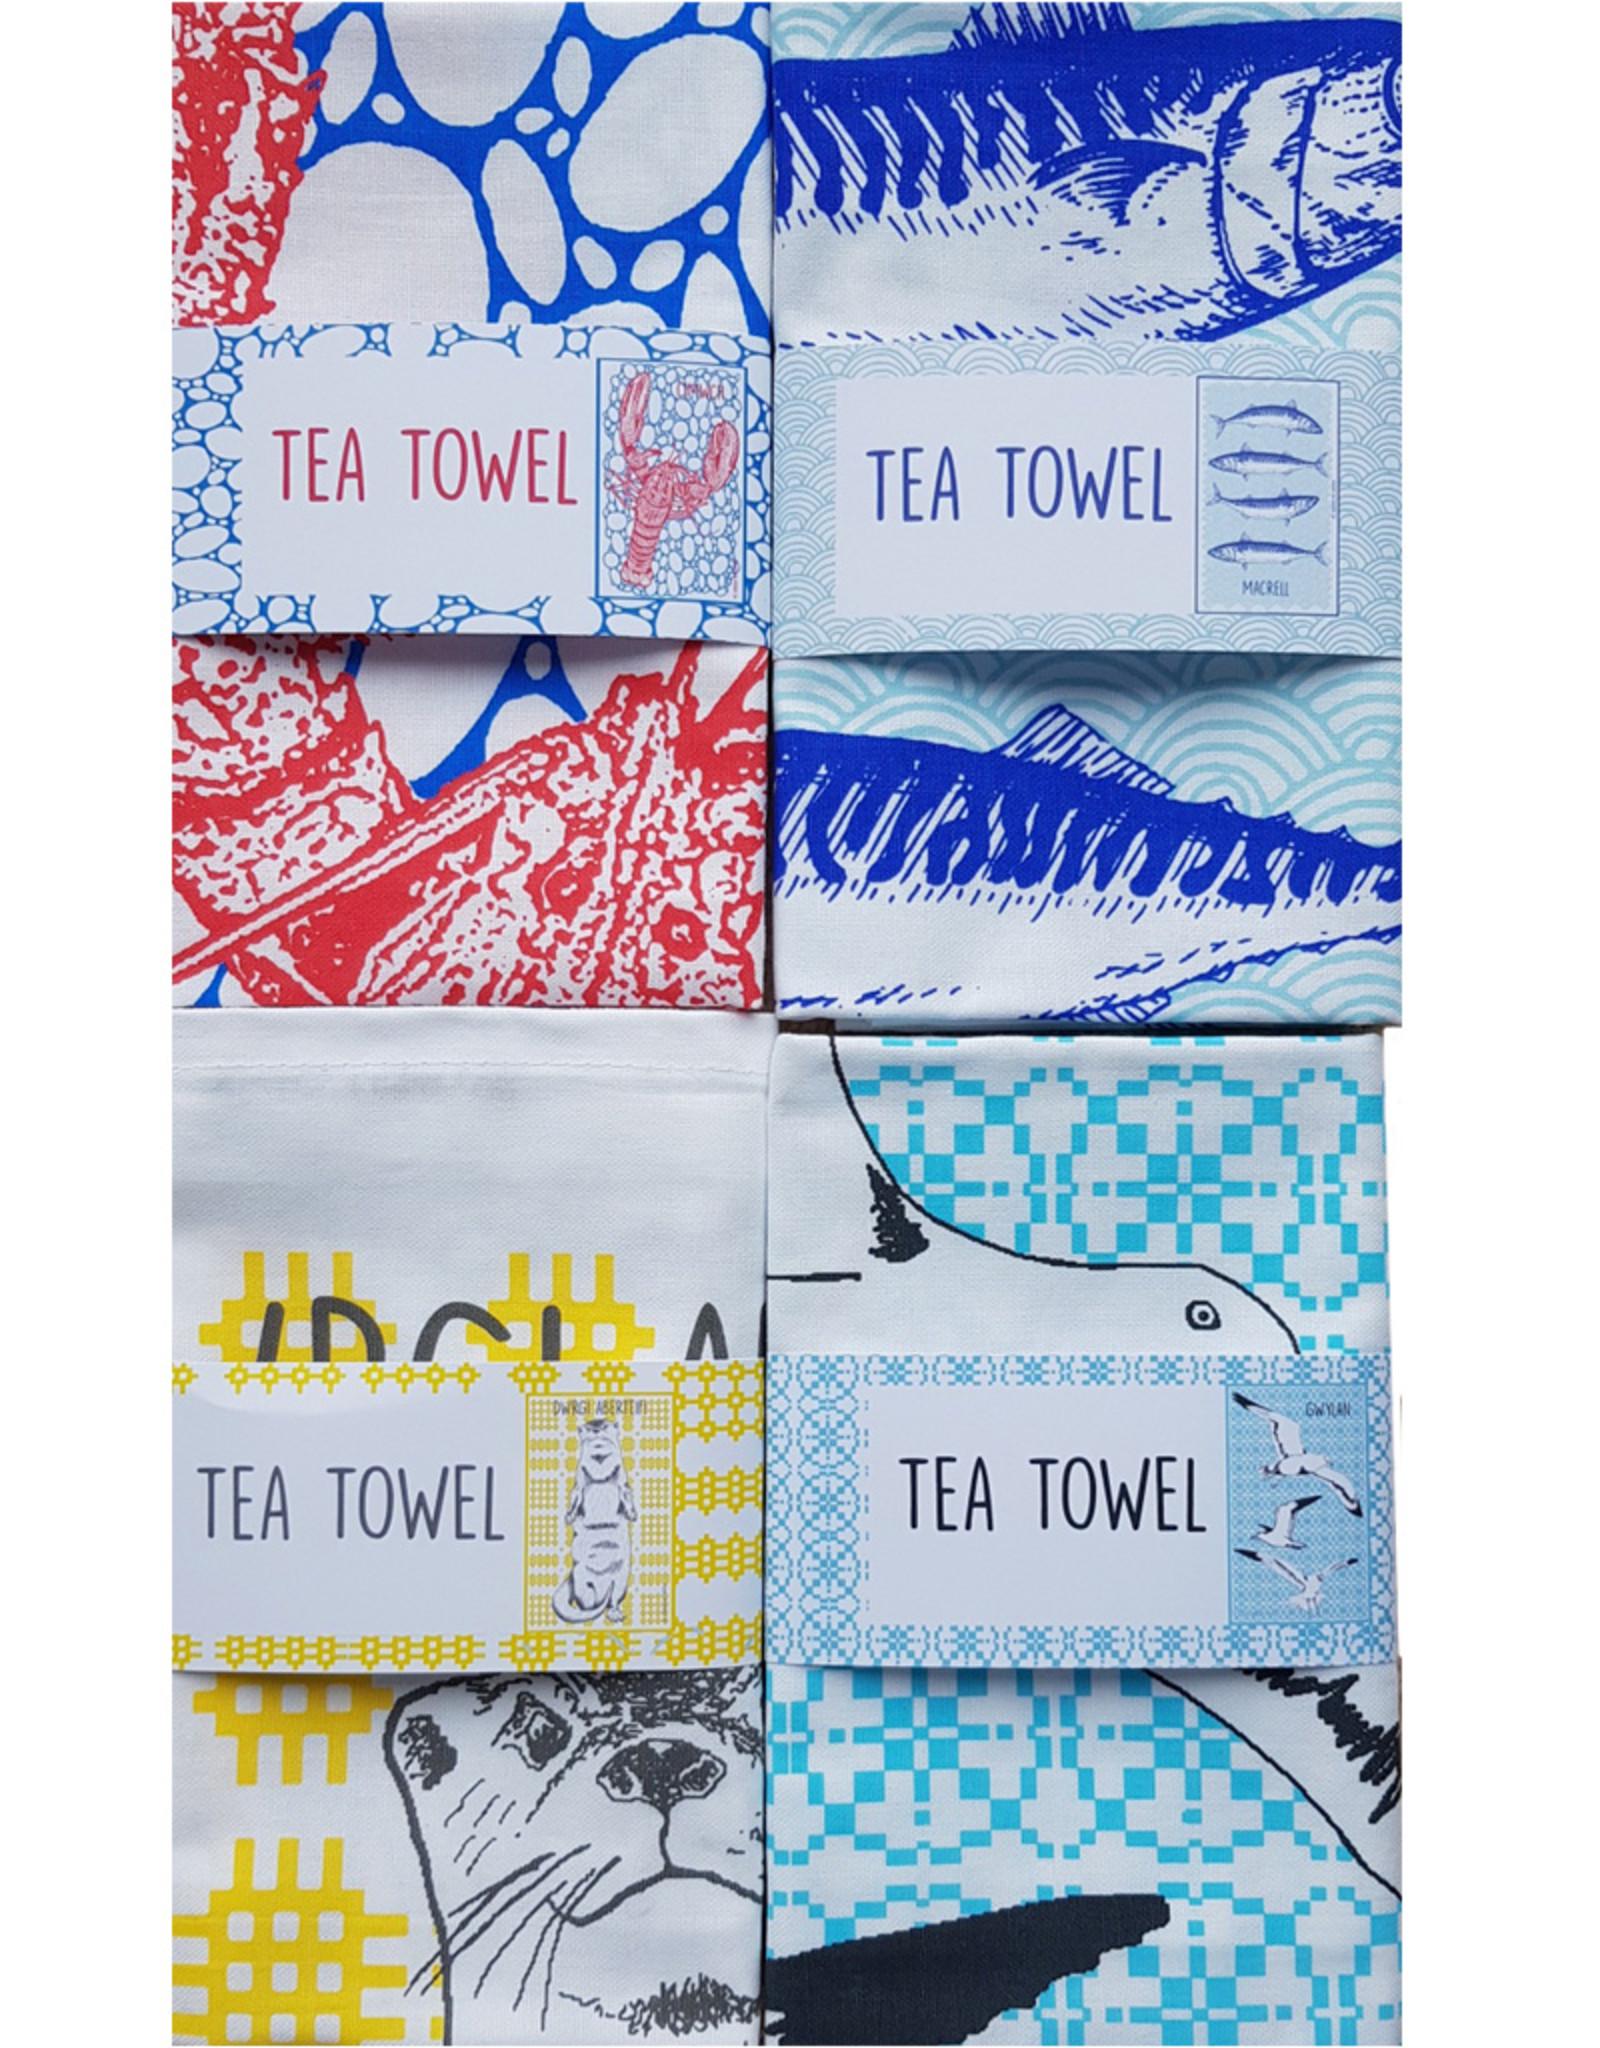 Cardigan Bay Company Cimwch Tea Towel